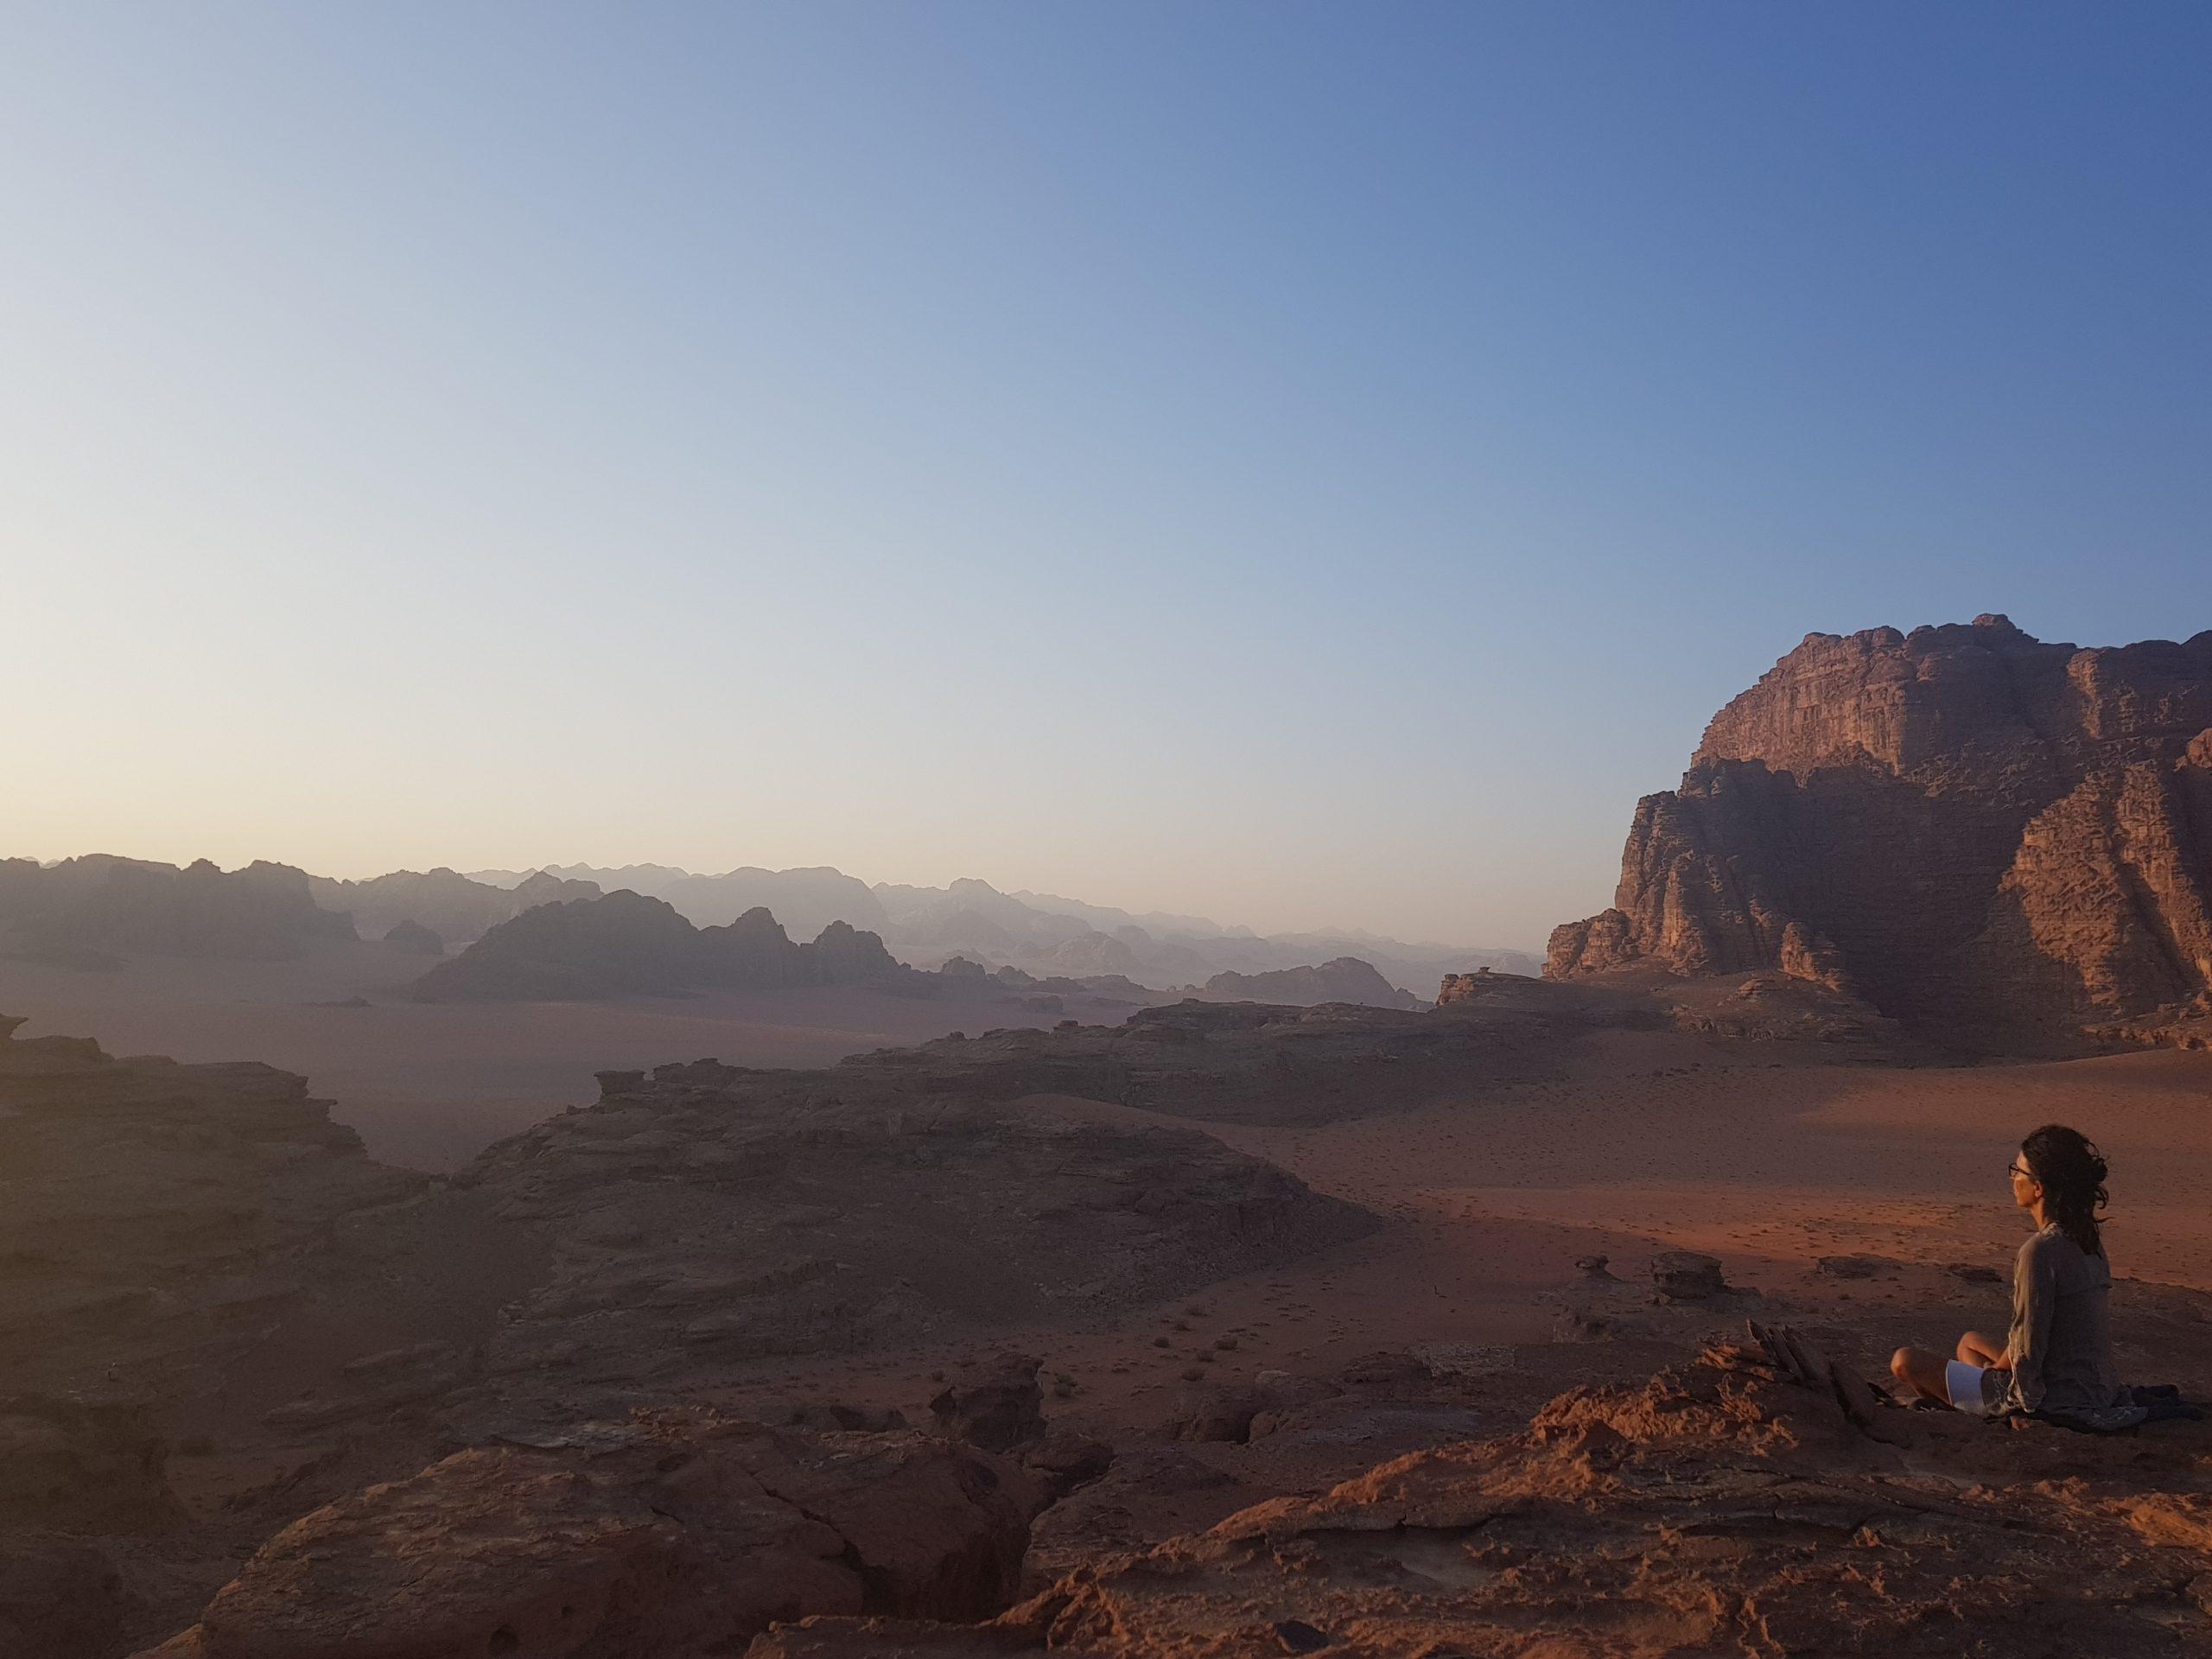 vrouwenreis sisterhood retraite jordanie woestijnreis